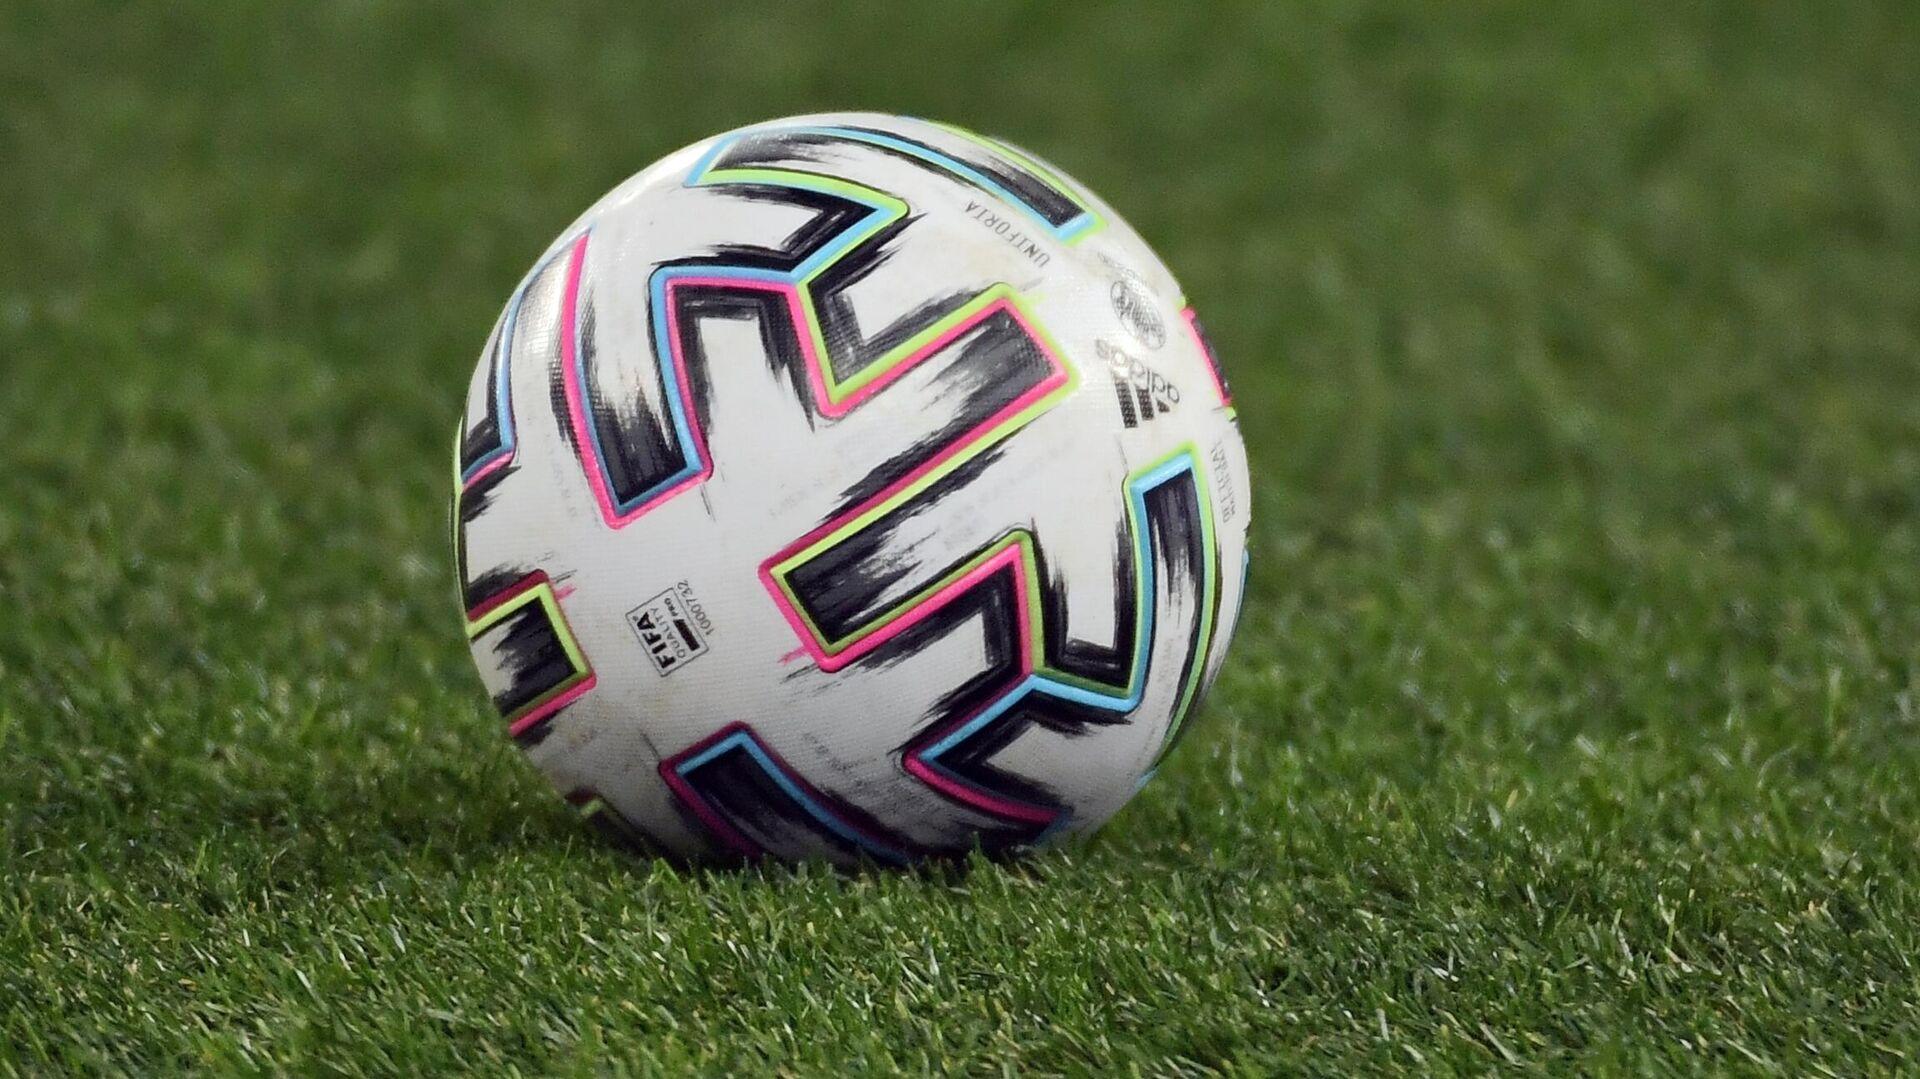 Официальный мяч чемпионата Европы по футболу 2020  - РИА Новости, 1920, 18.02.2020